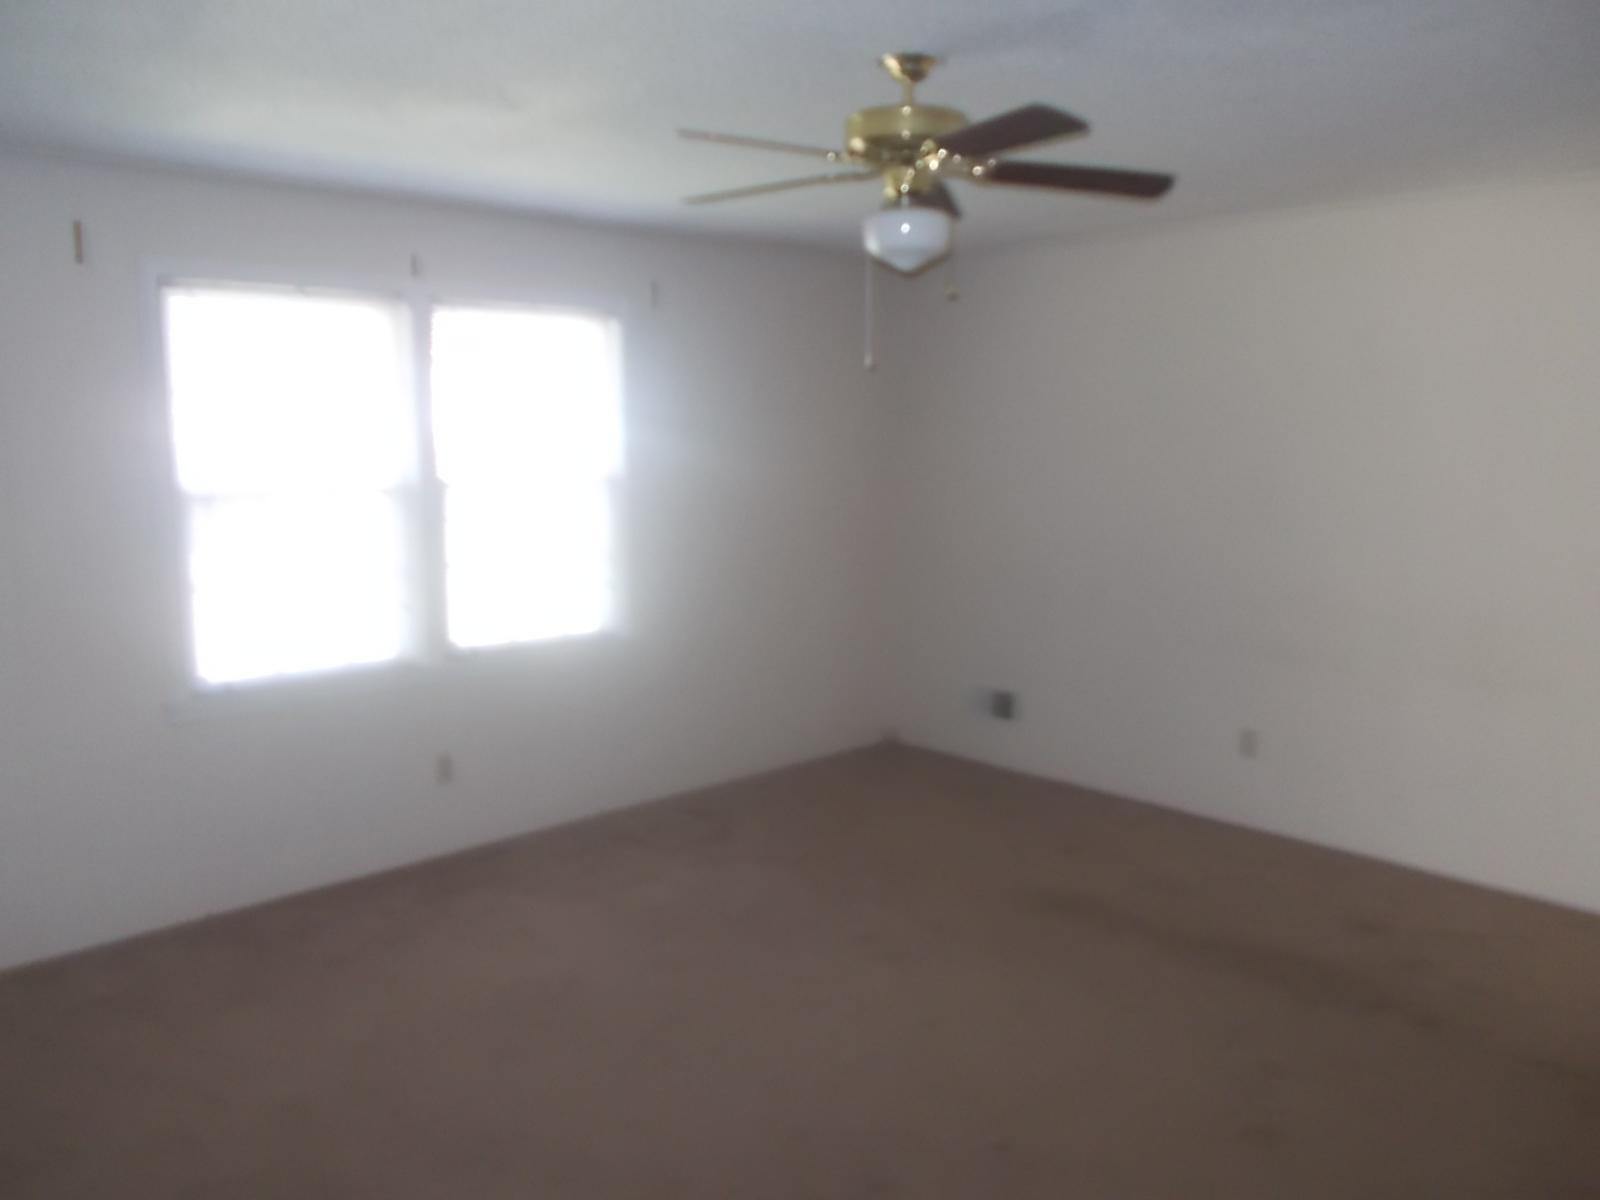 7434 Coachmaker Circle,Columbia,South Carolina 29209,3 Bedrooms Bedrooms,2 BathroomsBathrooms,Home,Coachmaker Circle,1063